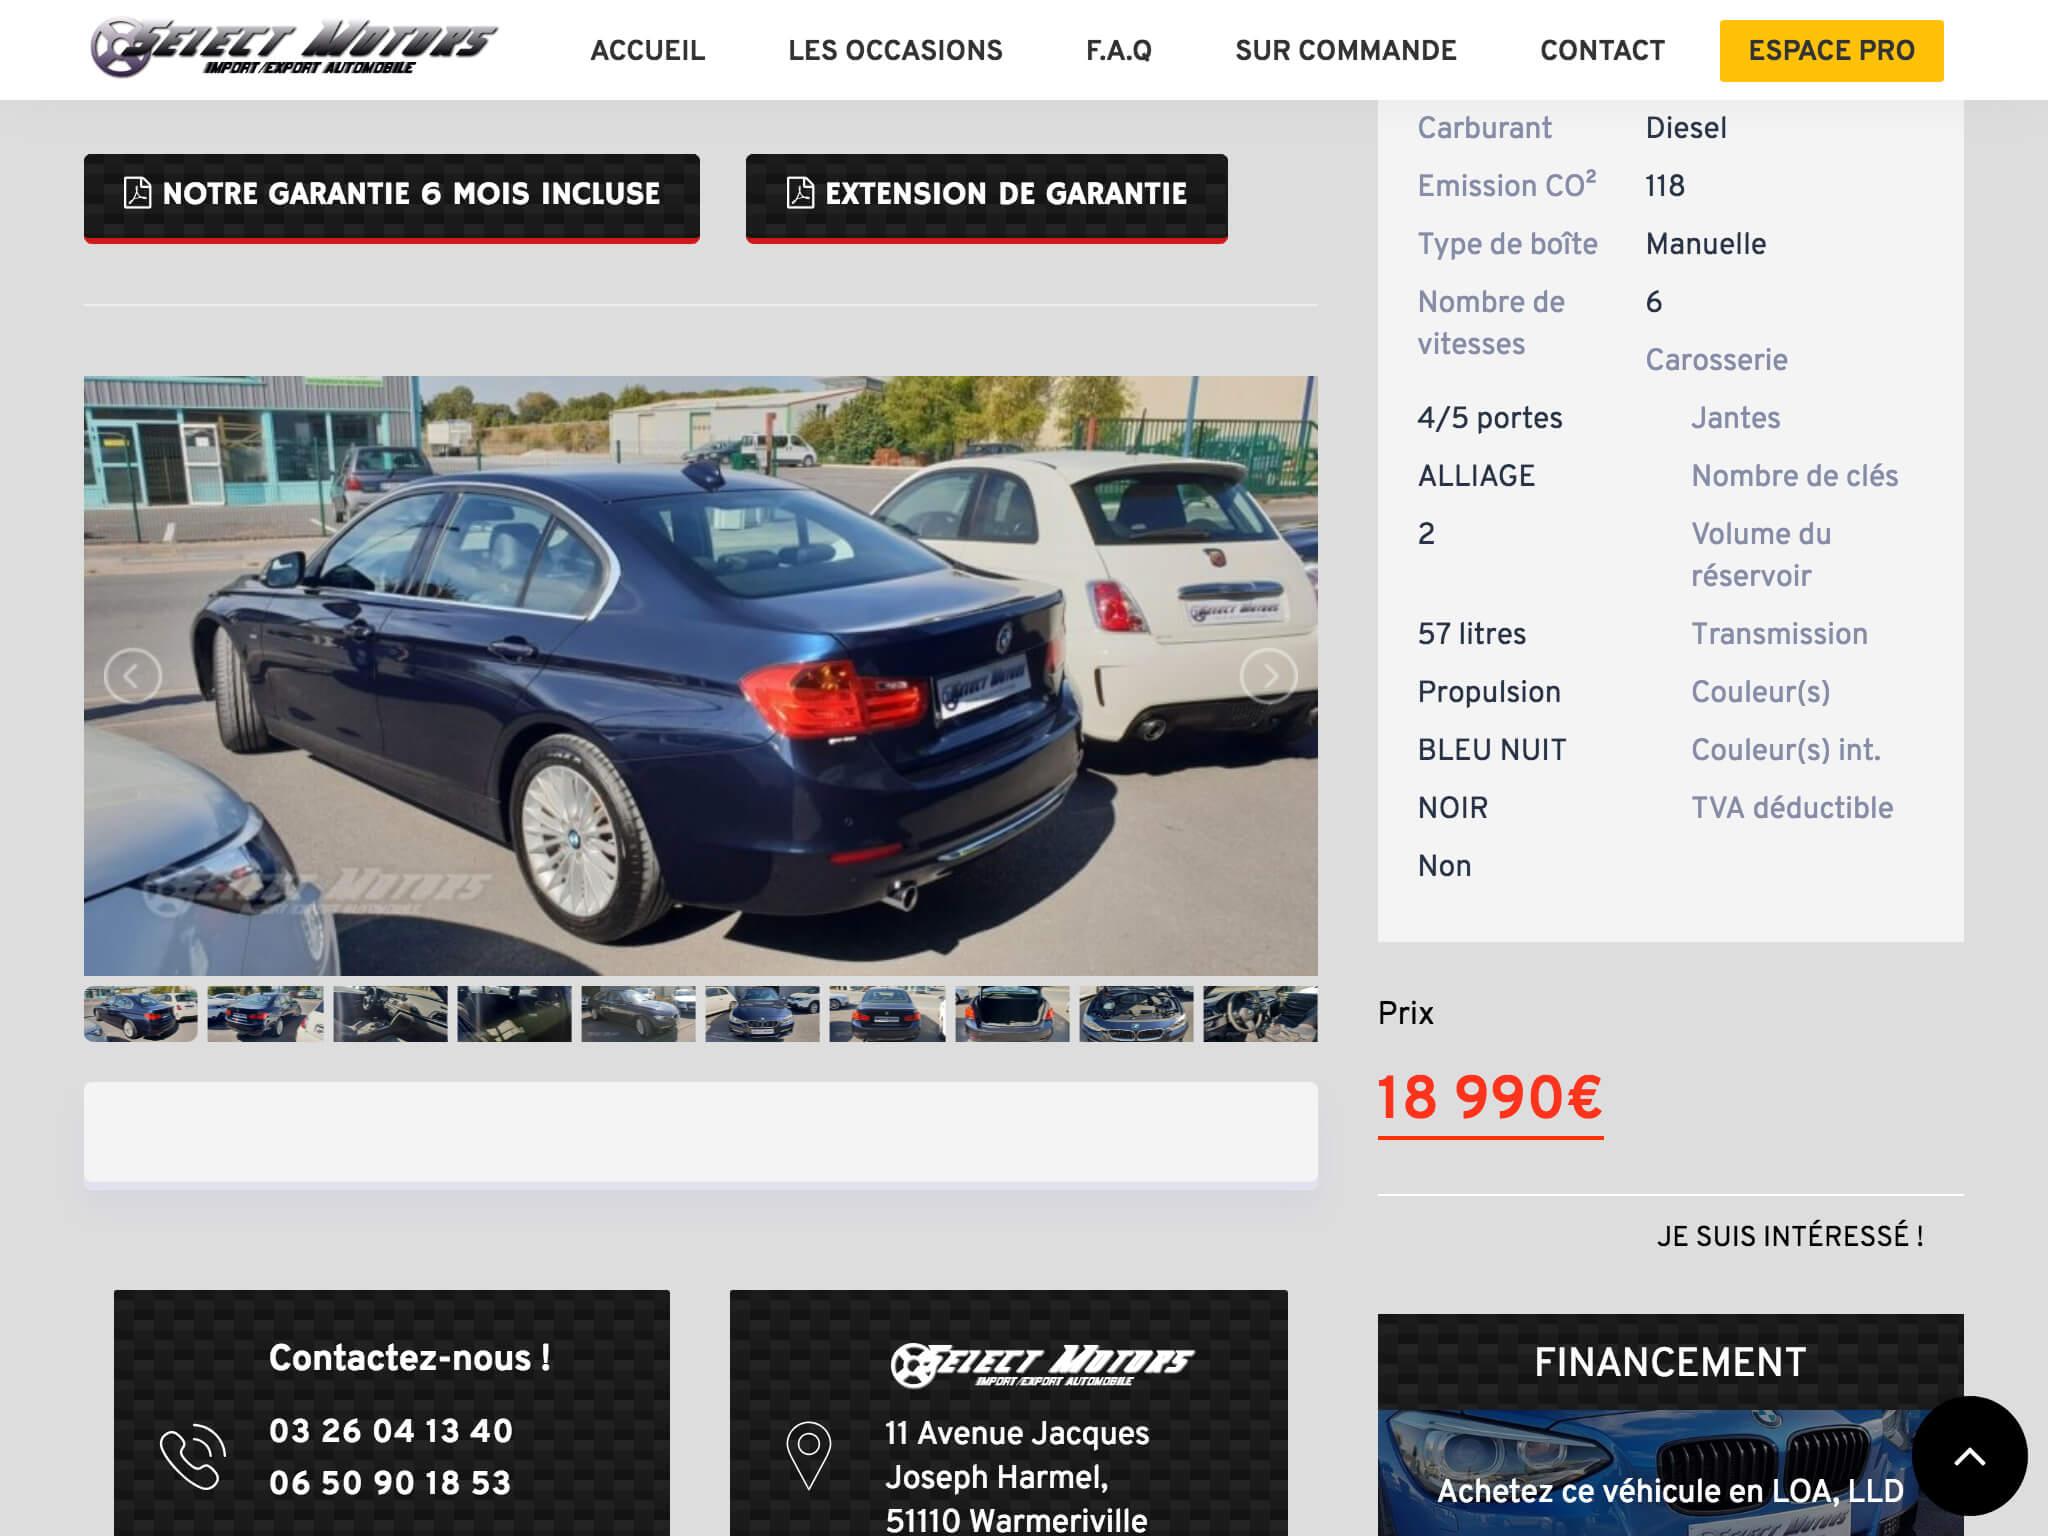 Capture d'écran du site internet Select Motors sur iPad réalisé par Kevin de Sousa